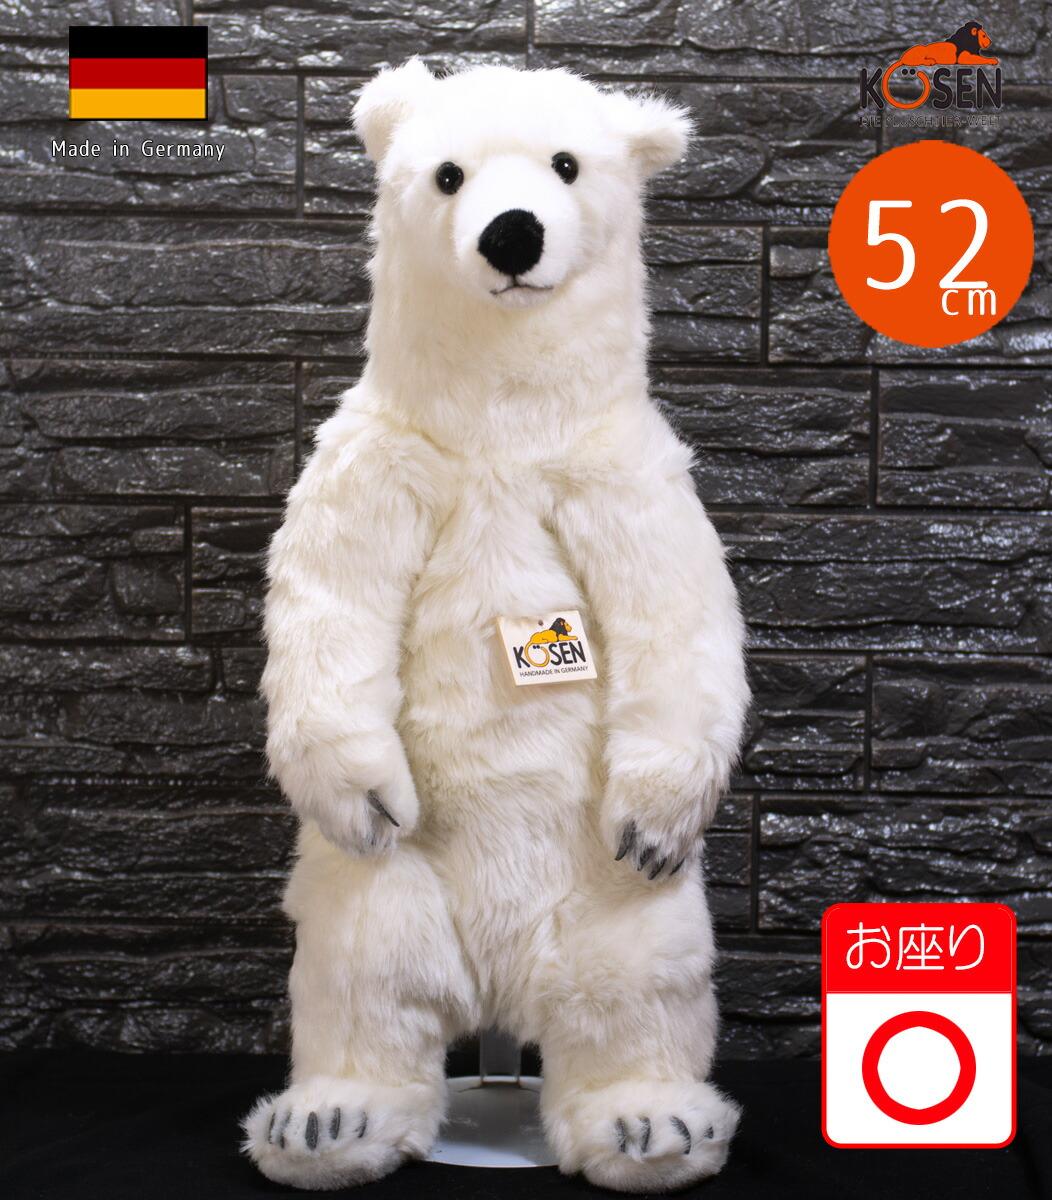 """ケーセン ぬいぐるみ kosen ソフト 白熊 シロクマ(大) 52cm """"Lasse"""" Polar Bear クマ くま テディベア リアル 動物"""